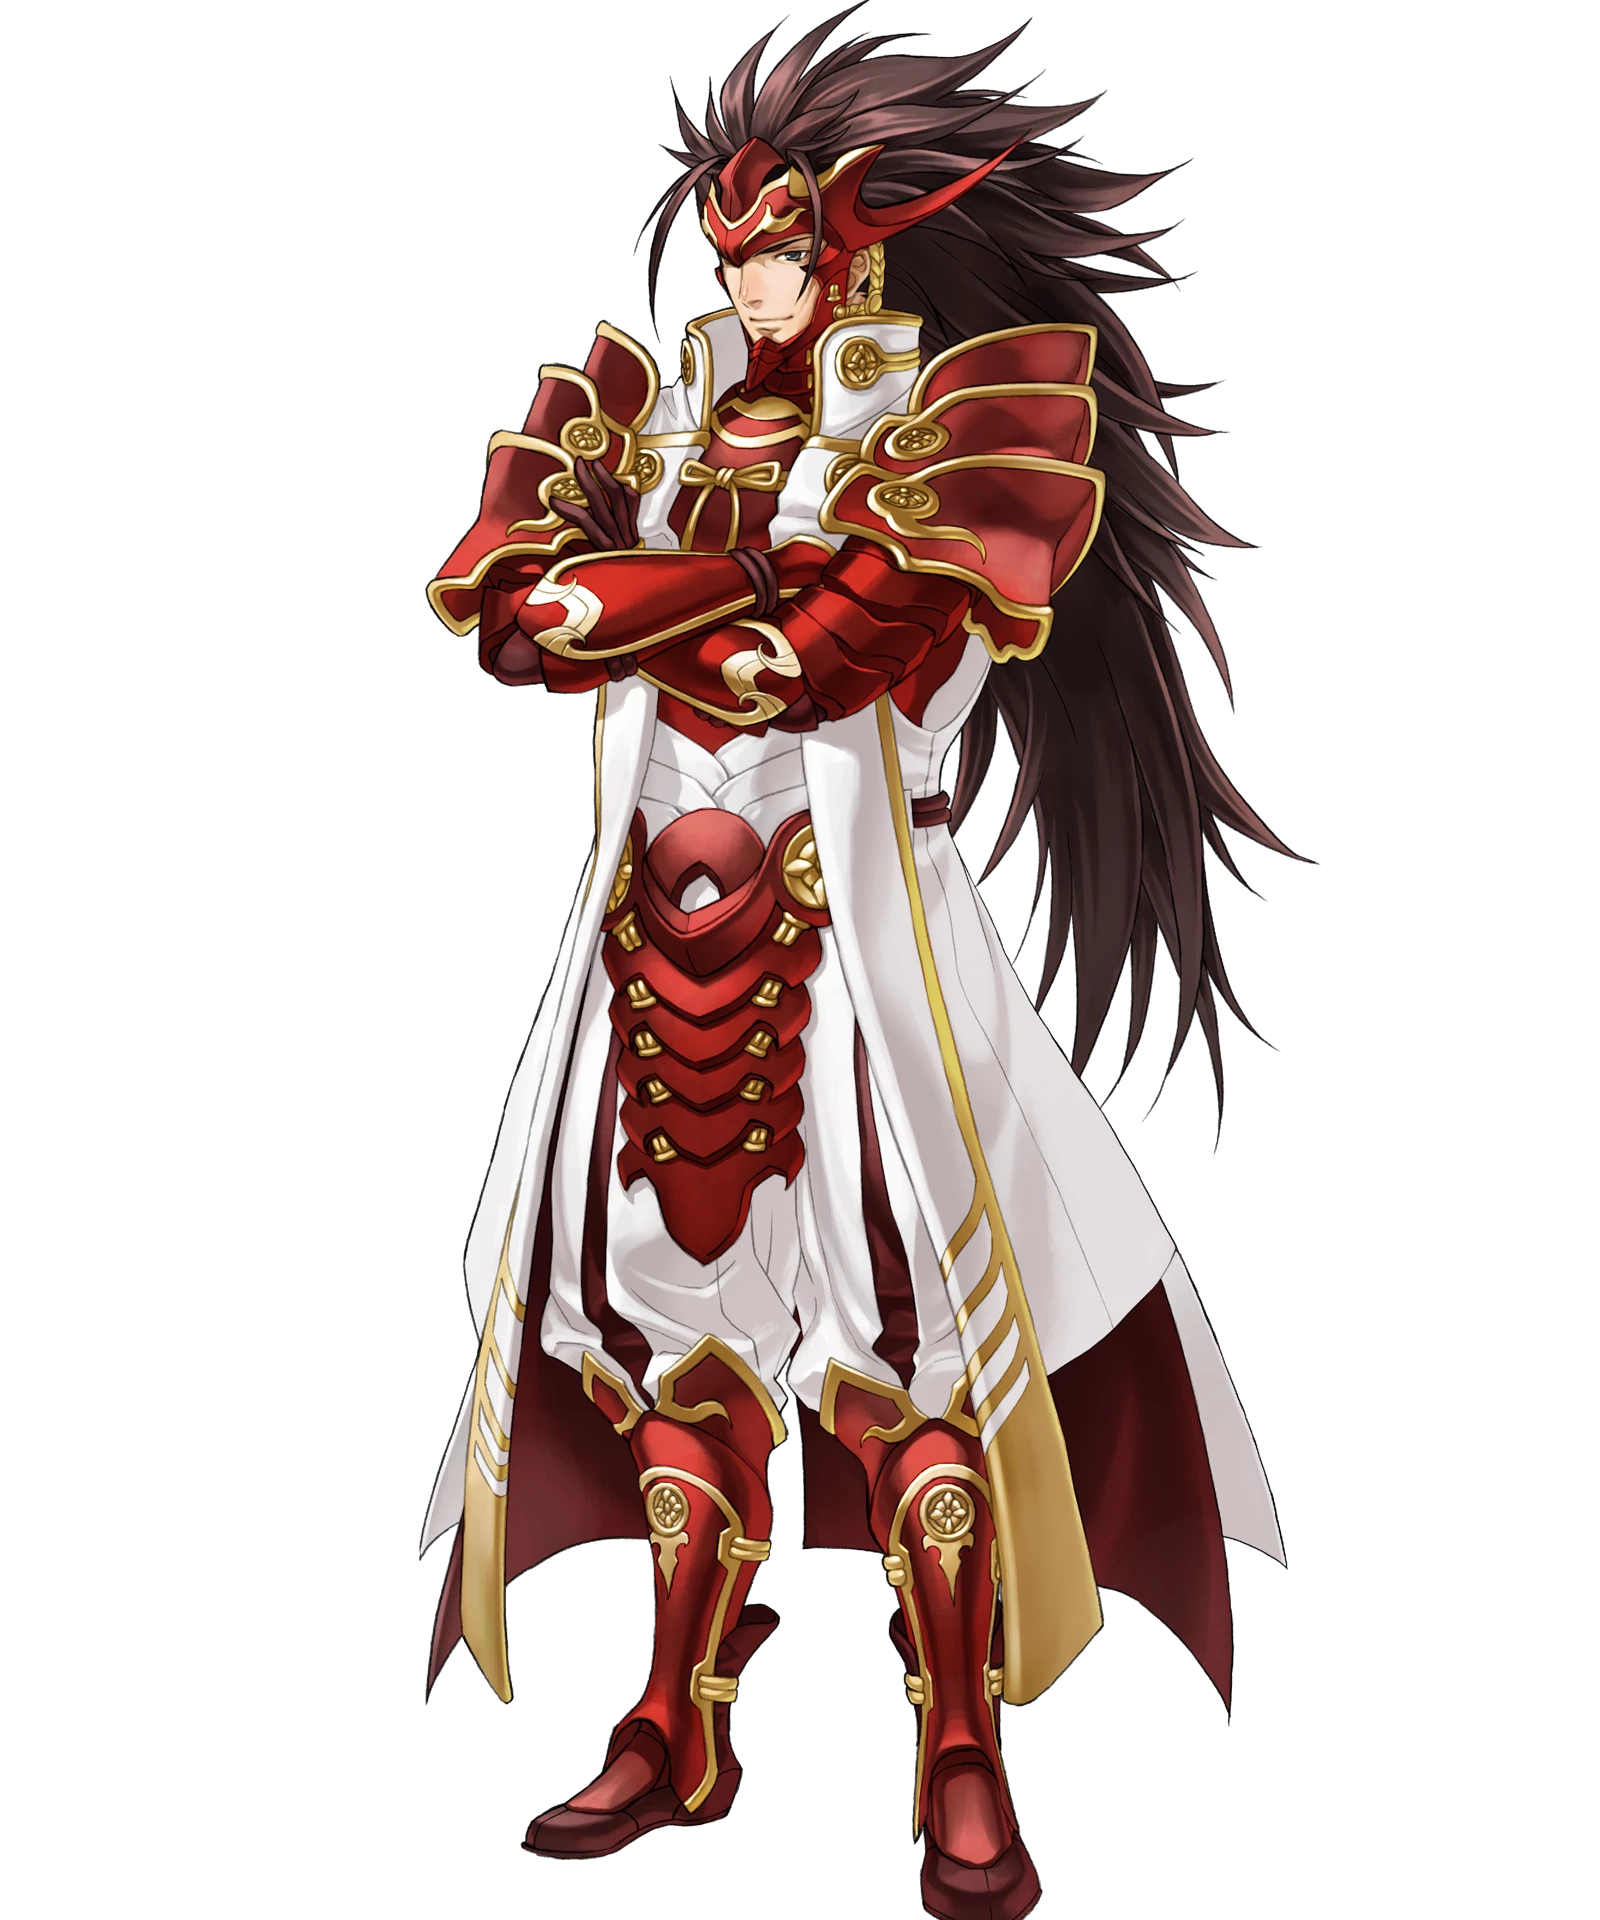 Ryoma   Fire Emblem Wiki   FANDOM powered by Wikia